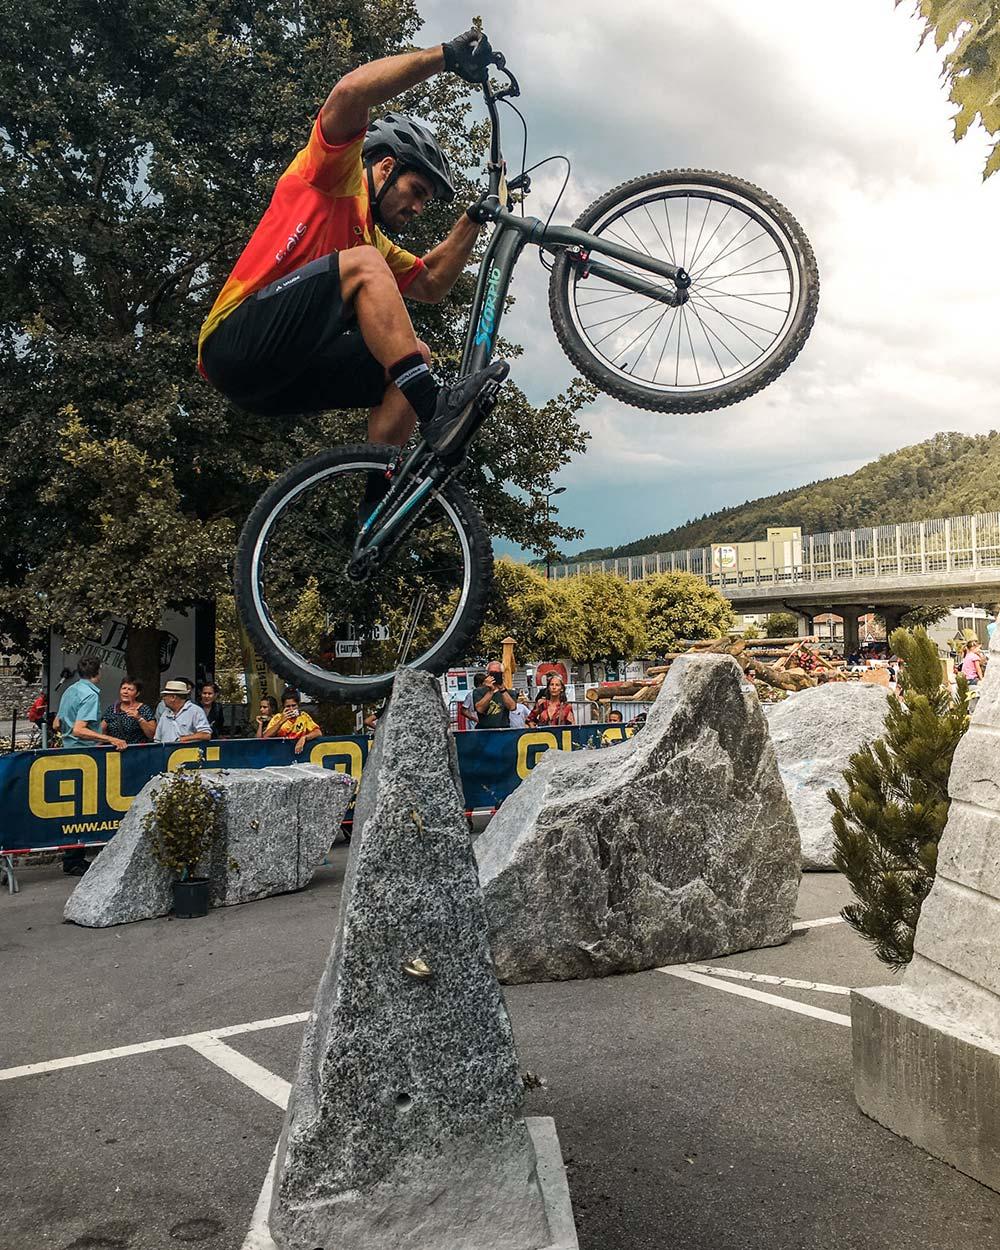 En TodoMountainBike: Pol Tarrés se lleva la medalla de bronce en el Campeonato de Europa de Trial UCI 2018